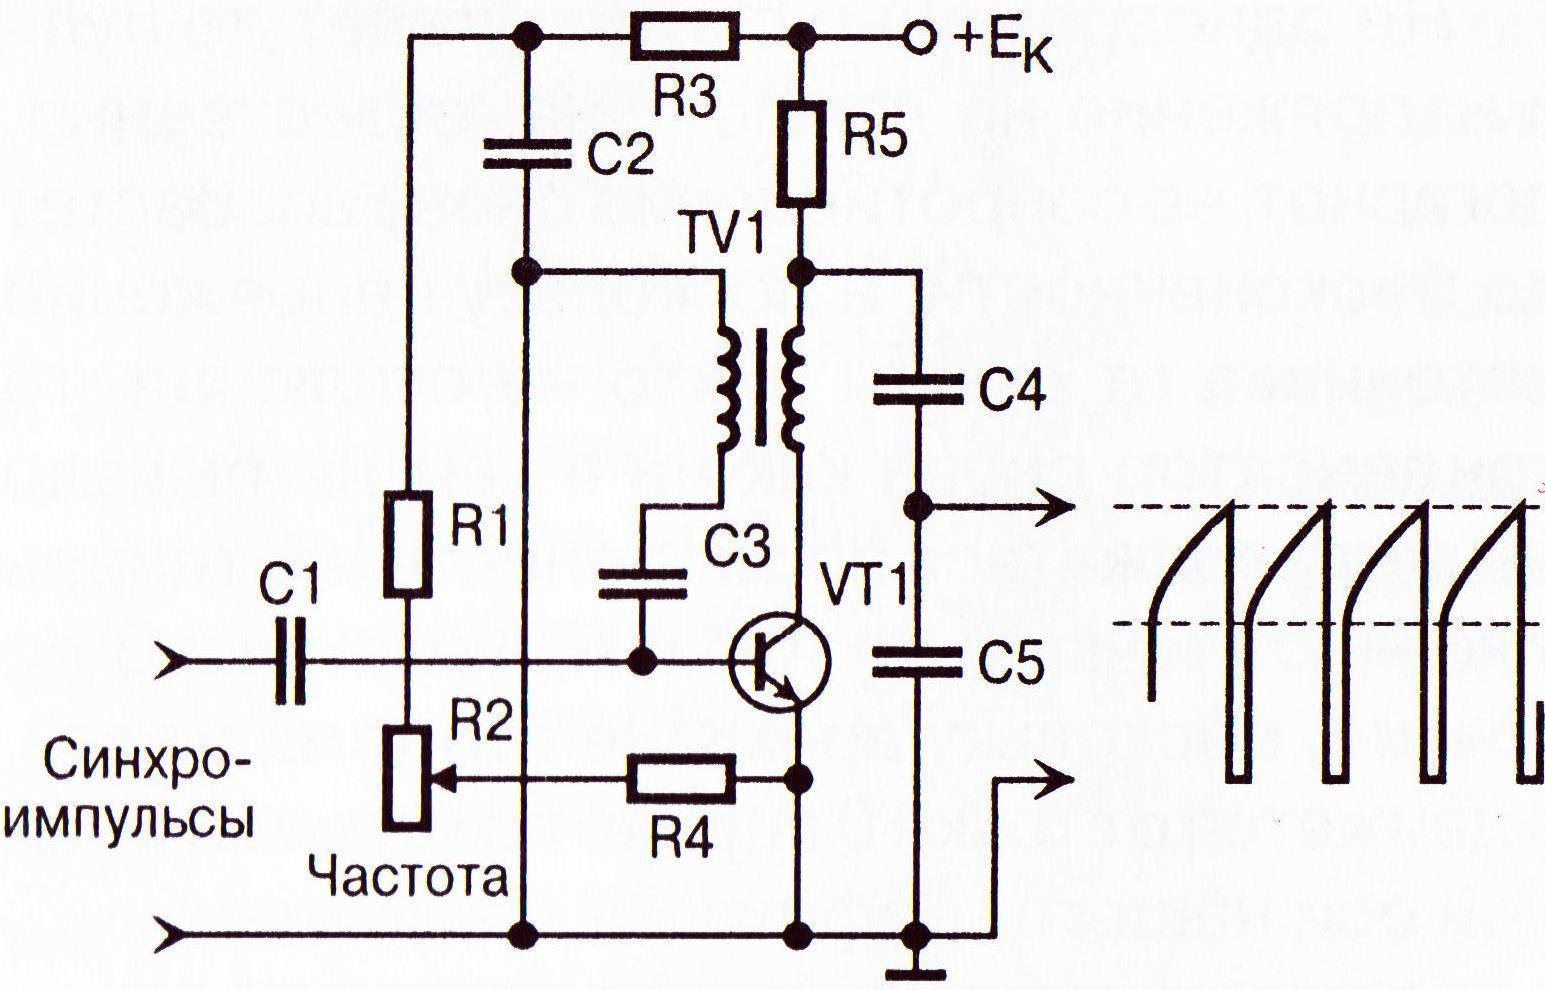 Схема кварцевого генератора на одном транзисторе